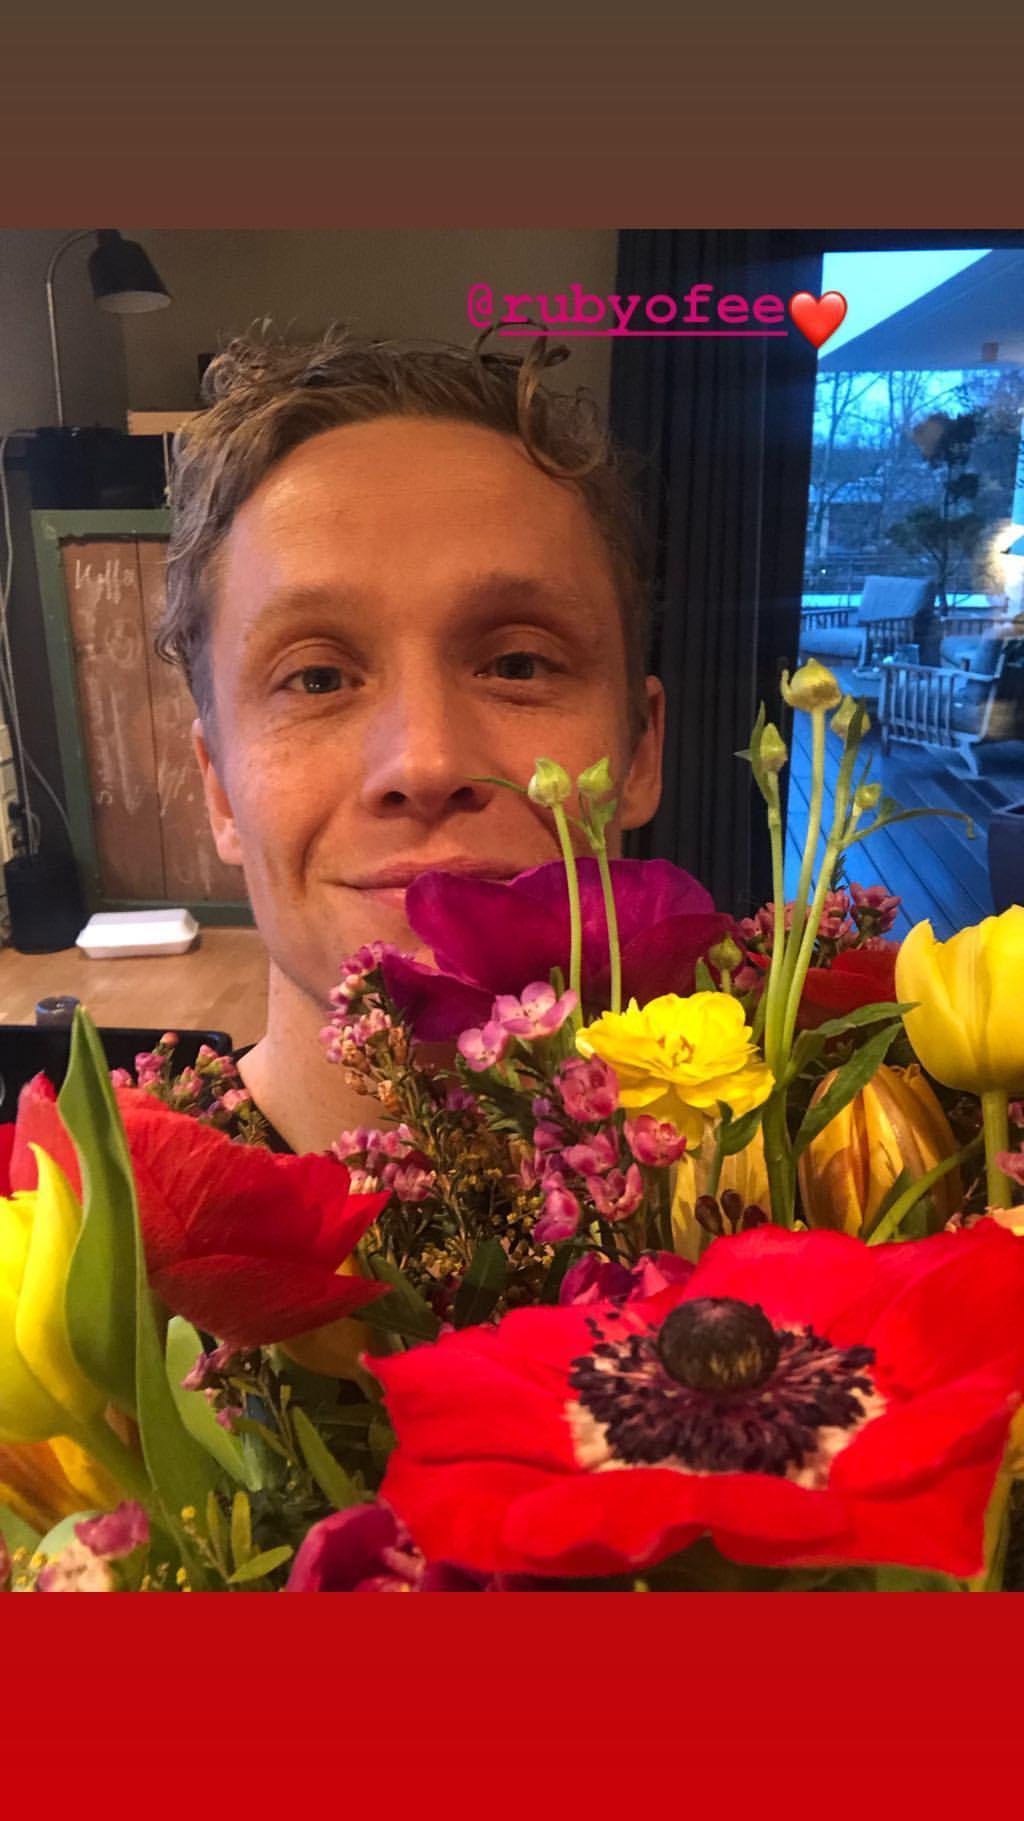 Freut sich Matthias Schweighöfer hier über Geburtstagsblumen von Ruby O. Fee?